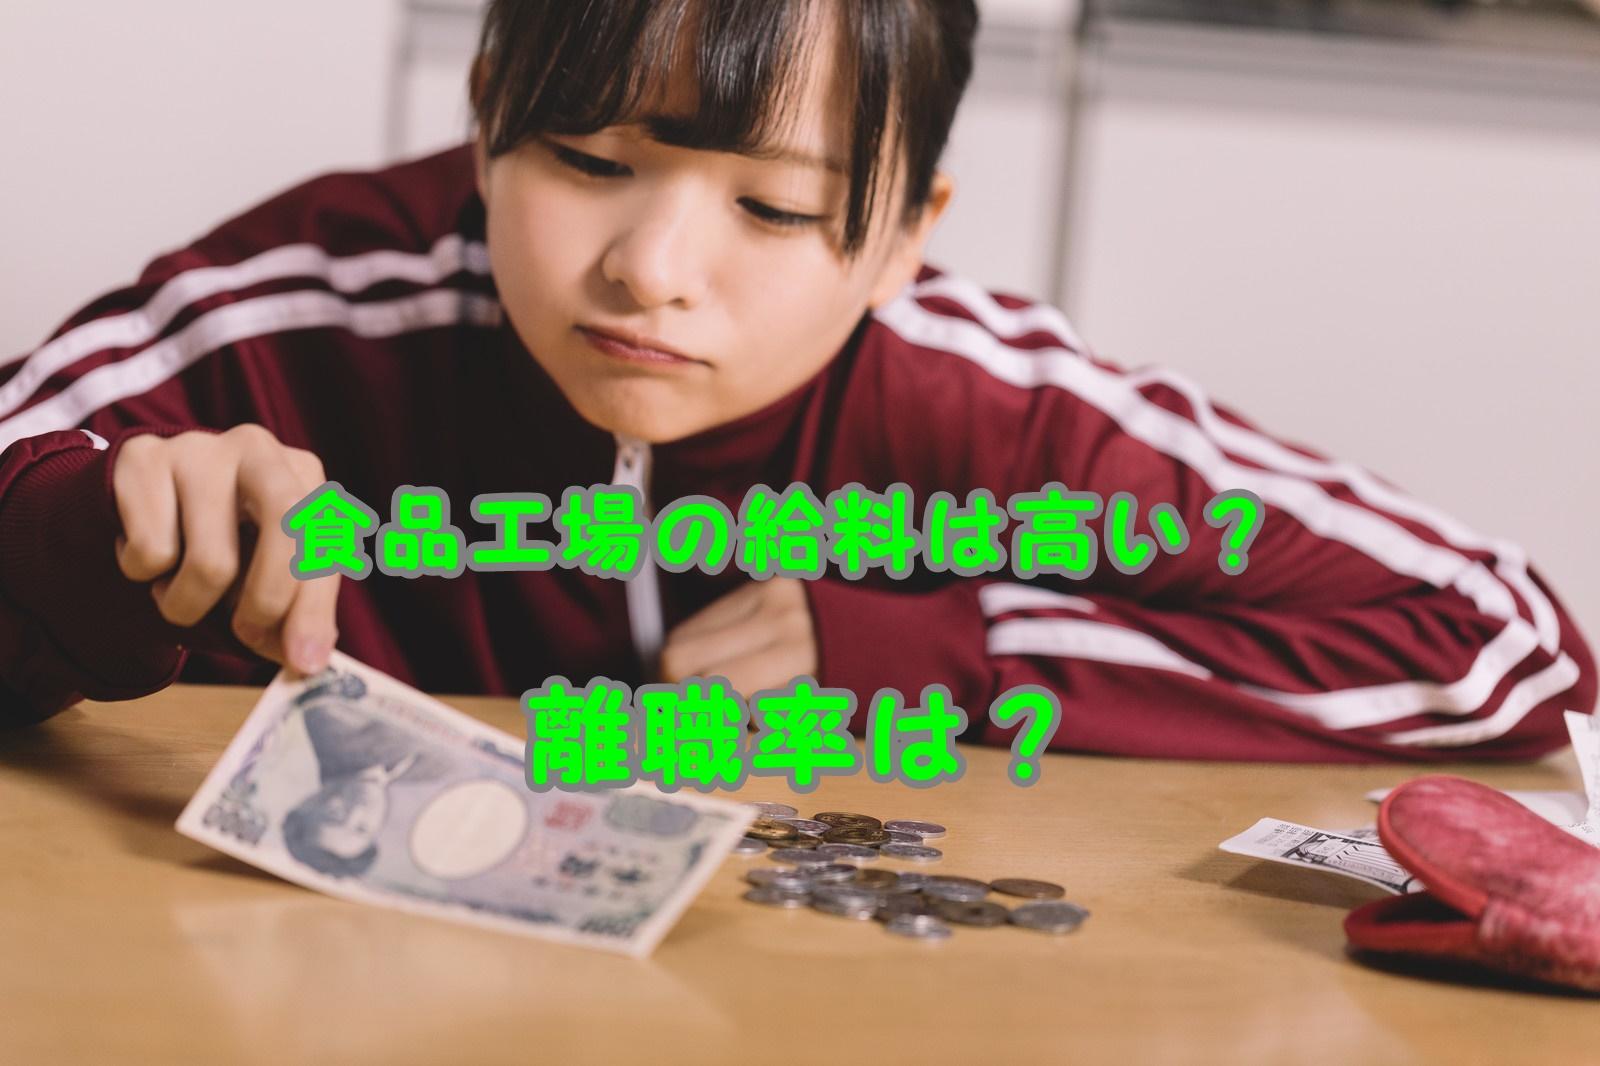 女の子 お金